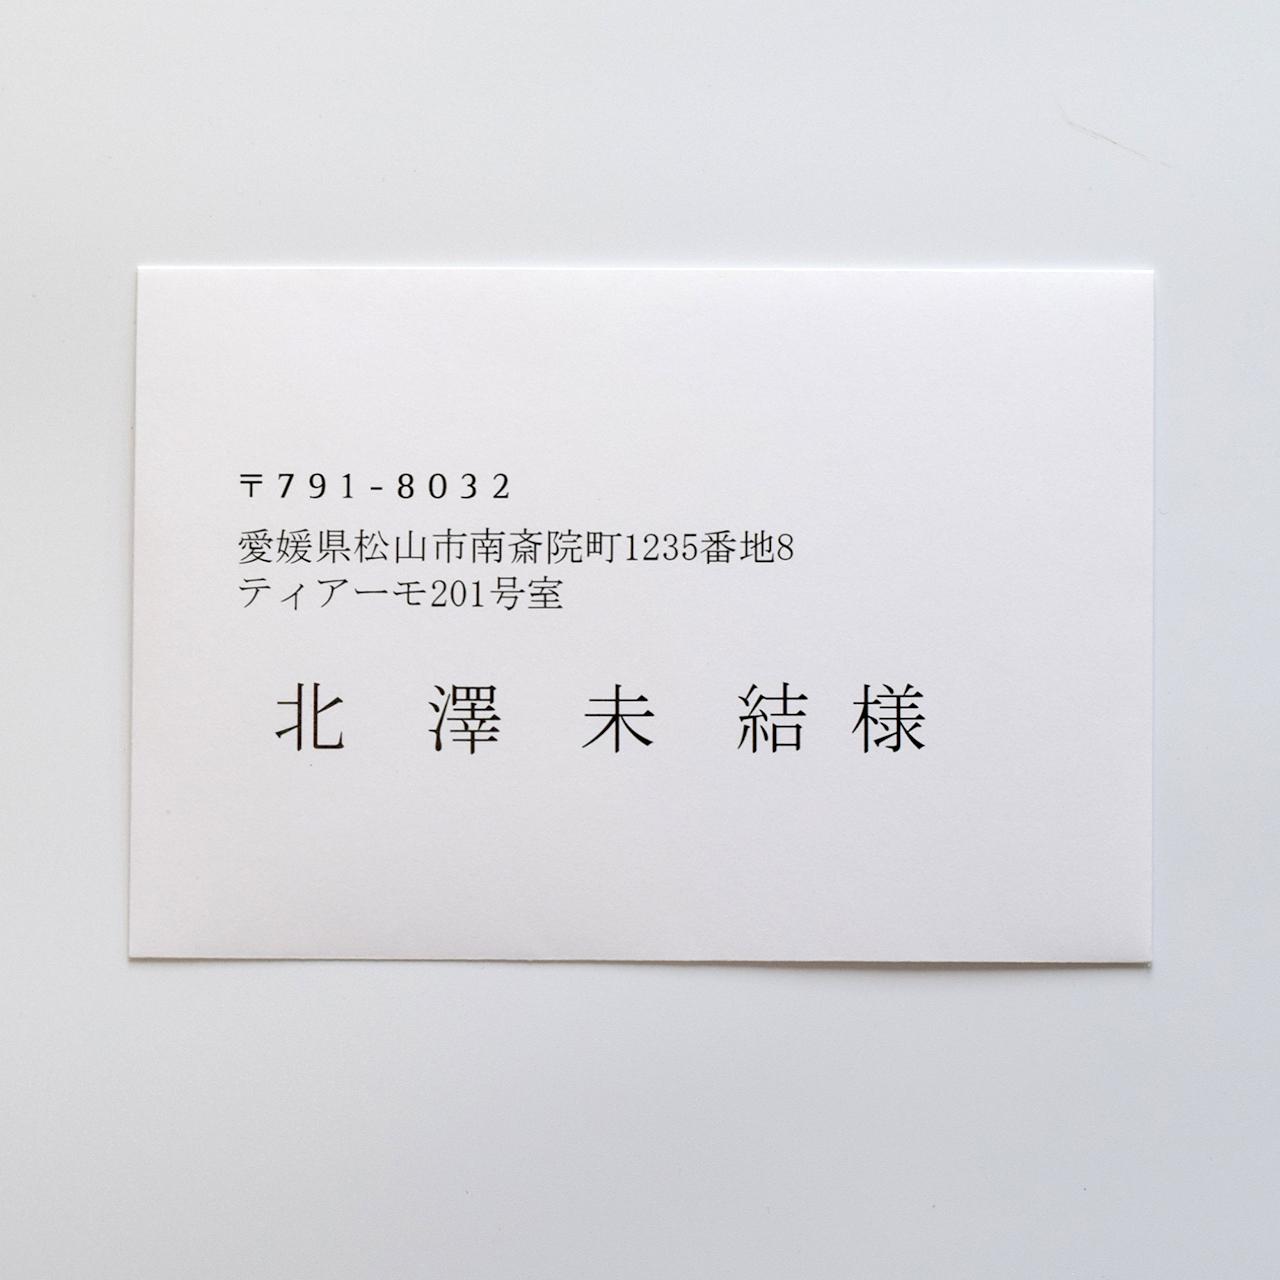 1枚から注文可能 正規品送料無料 Ti Amo 招待状用 宛名印刷筆耕 お得 オプション